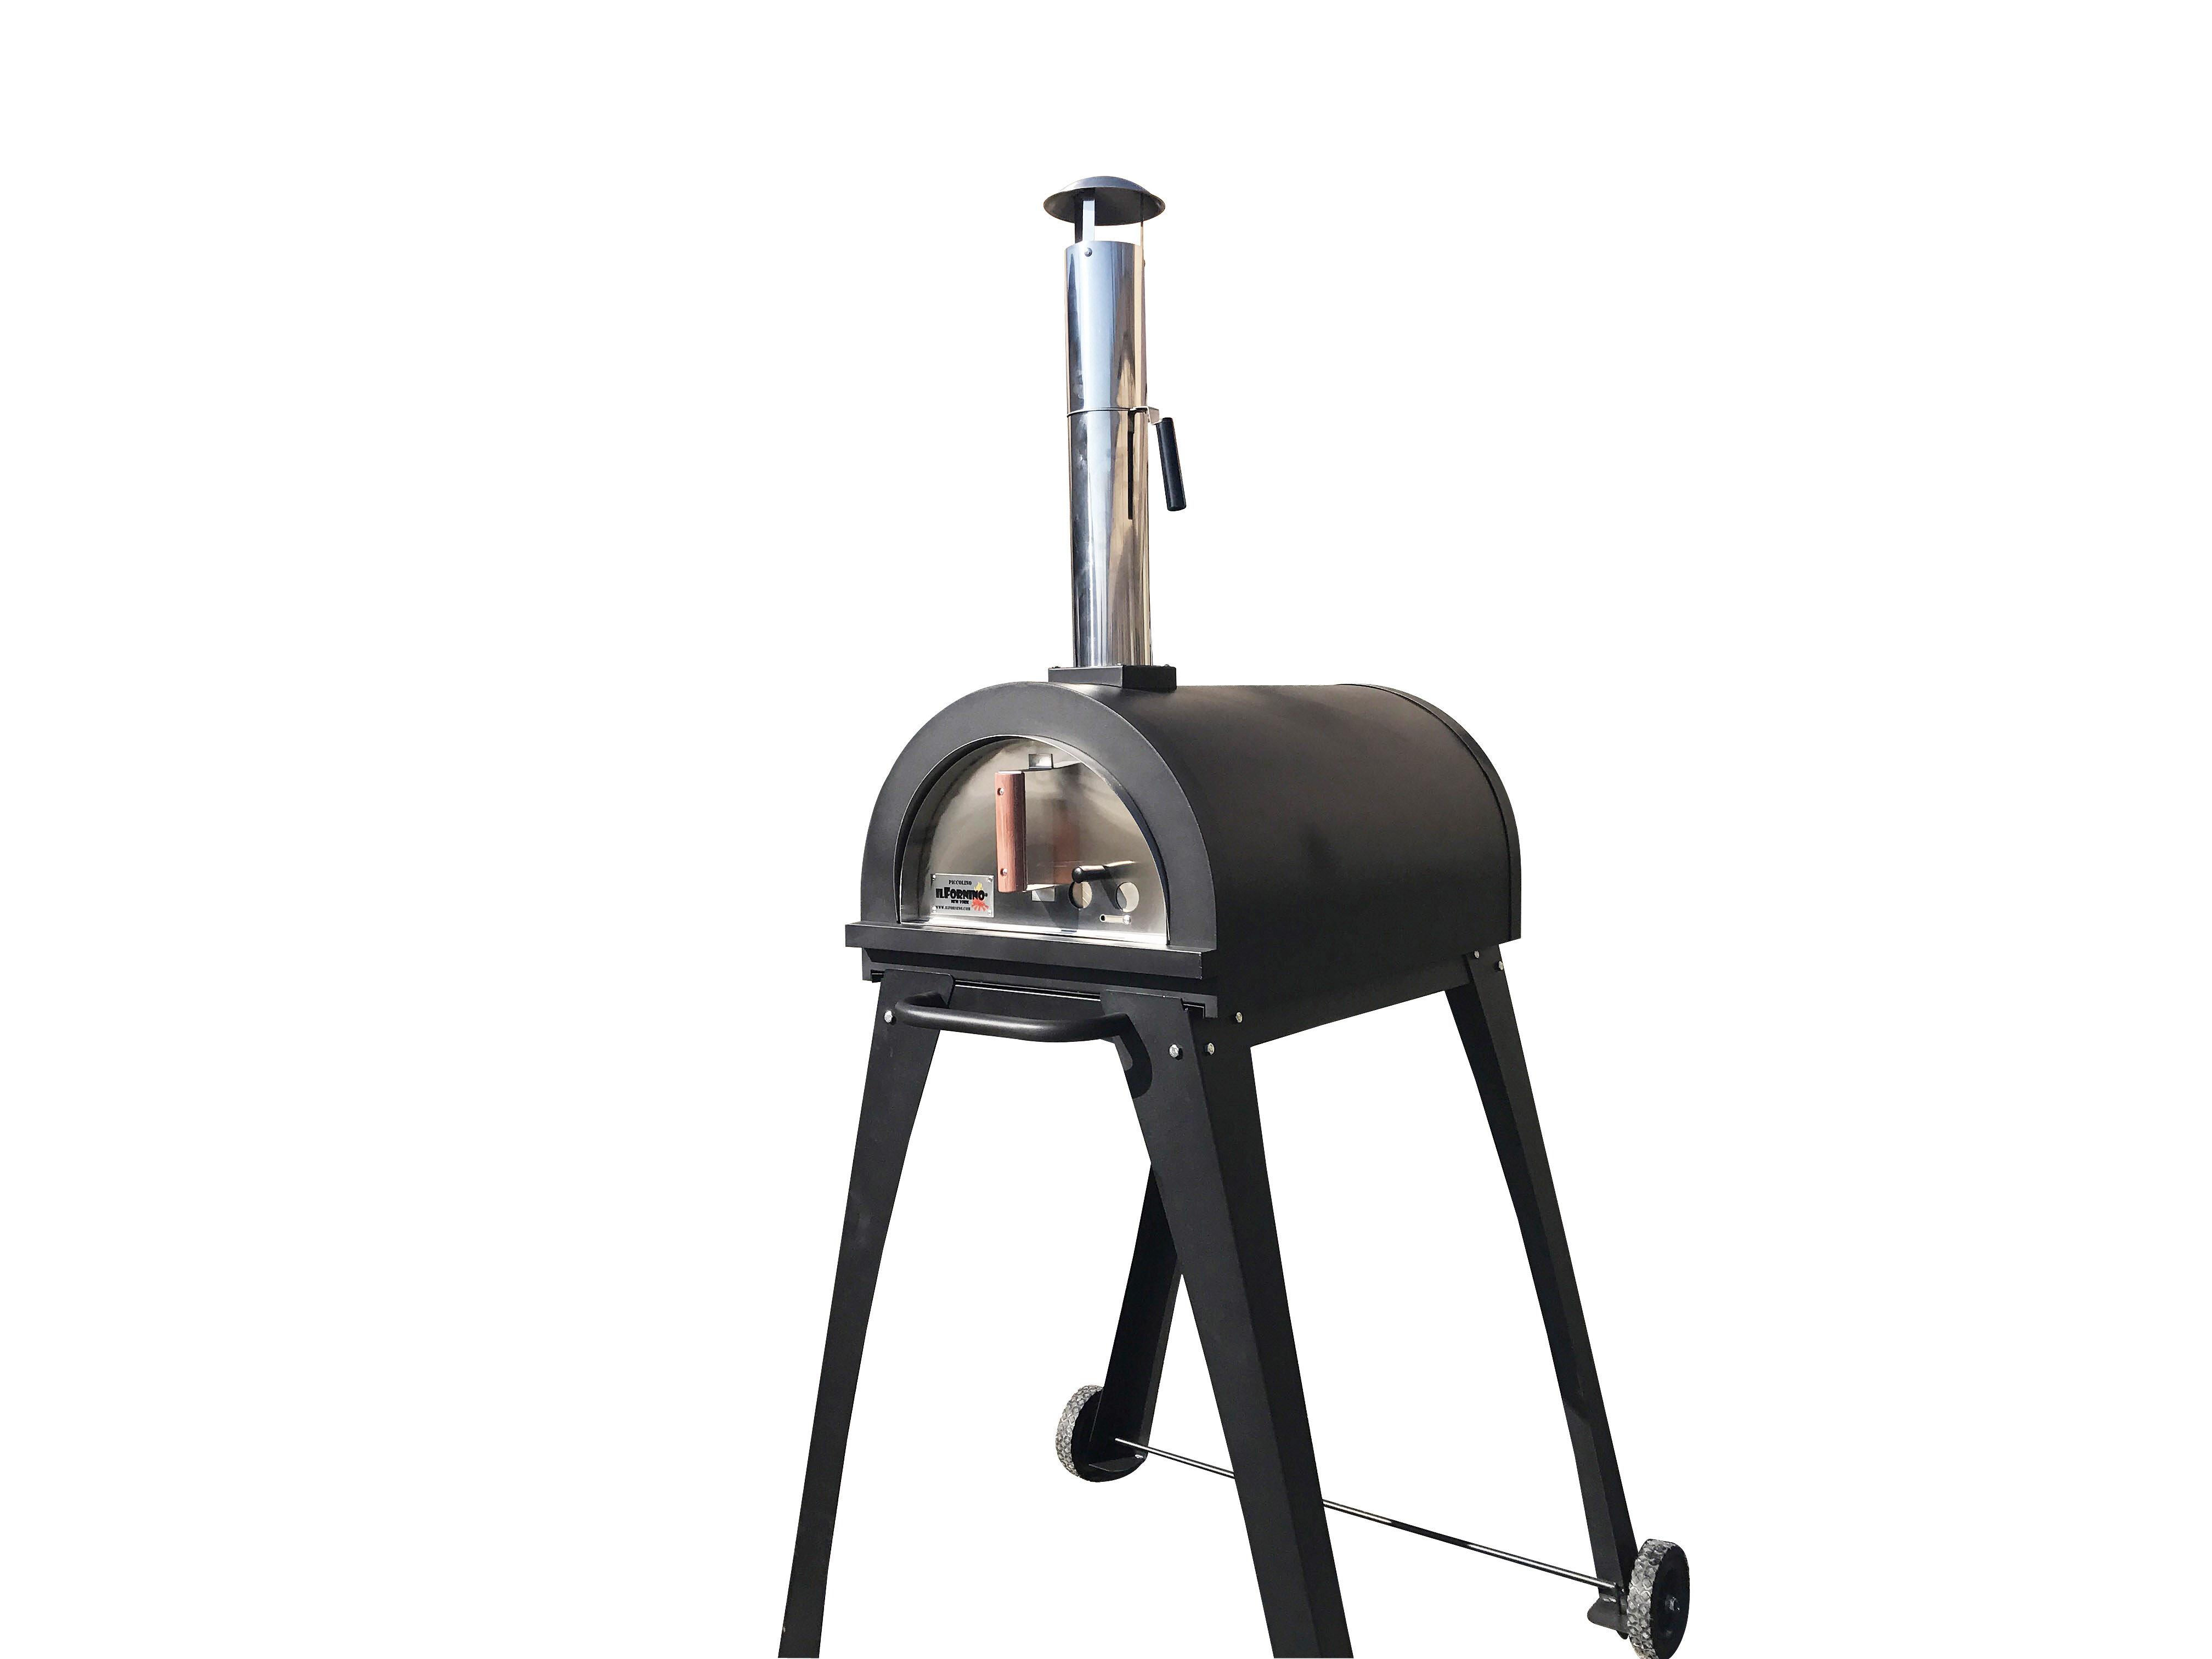 Ilfornino Piccolino Wood Fired Pizza Oven Wayfair Ca